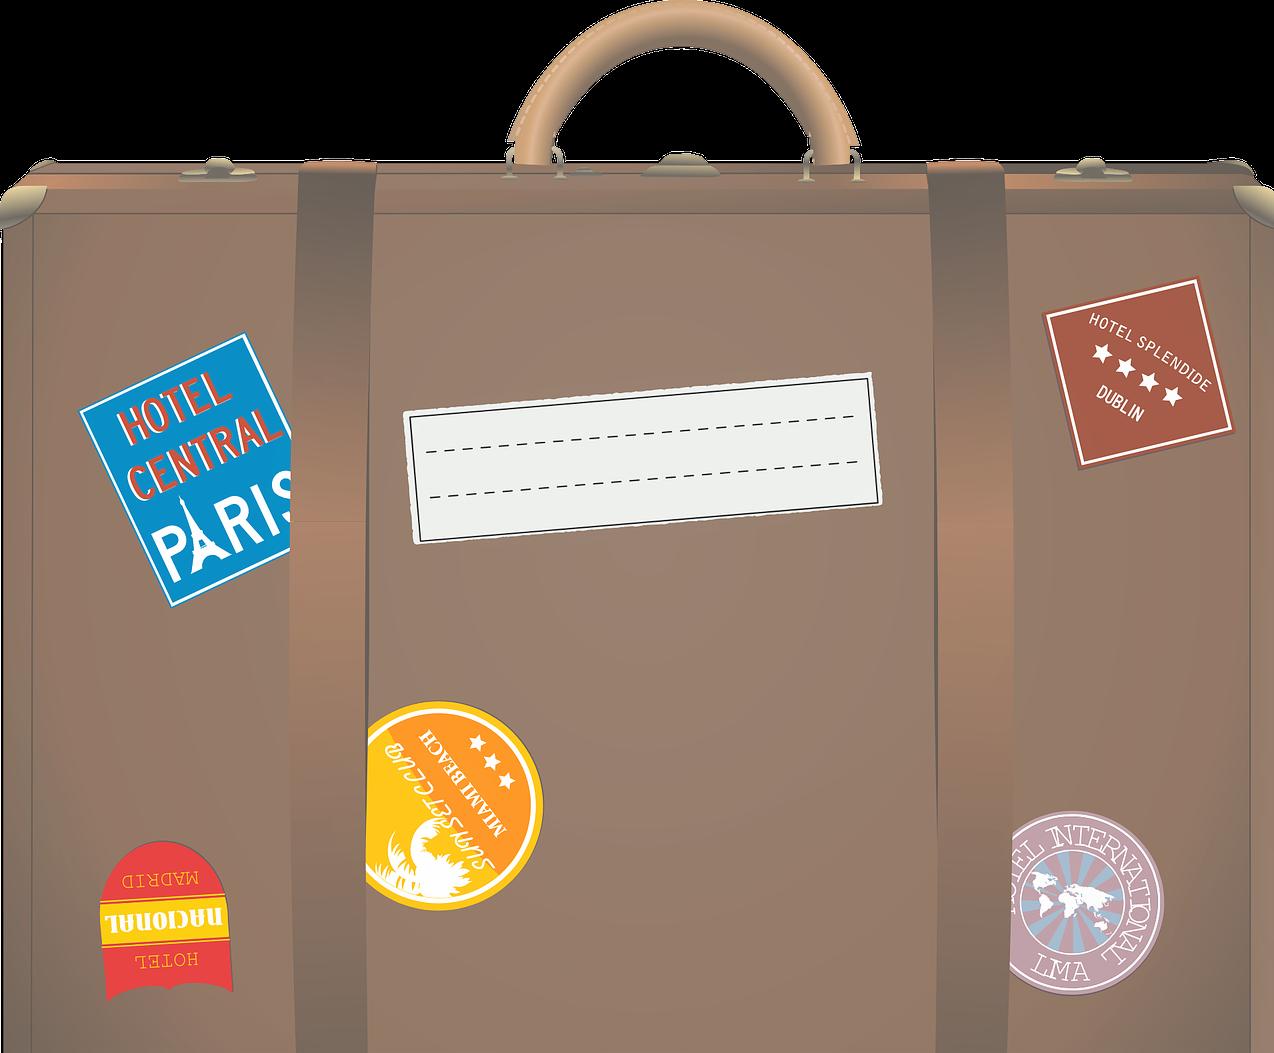 Annulé son voyage en raison du coronavirus, quels sont les droits des voyageurs ?